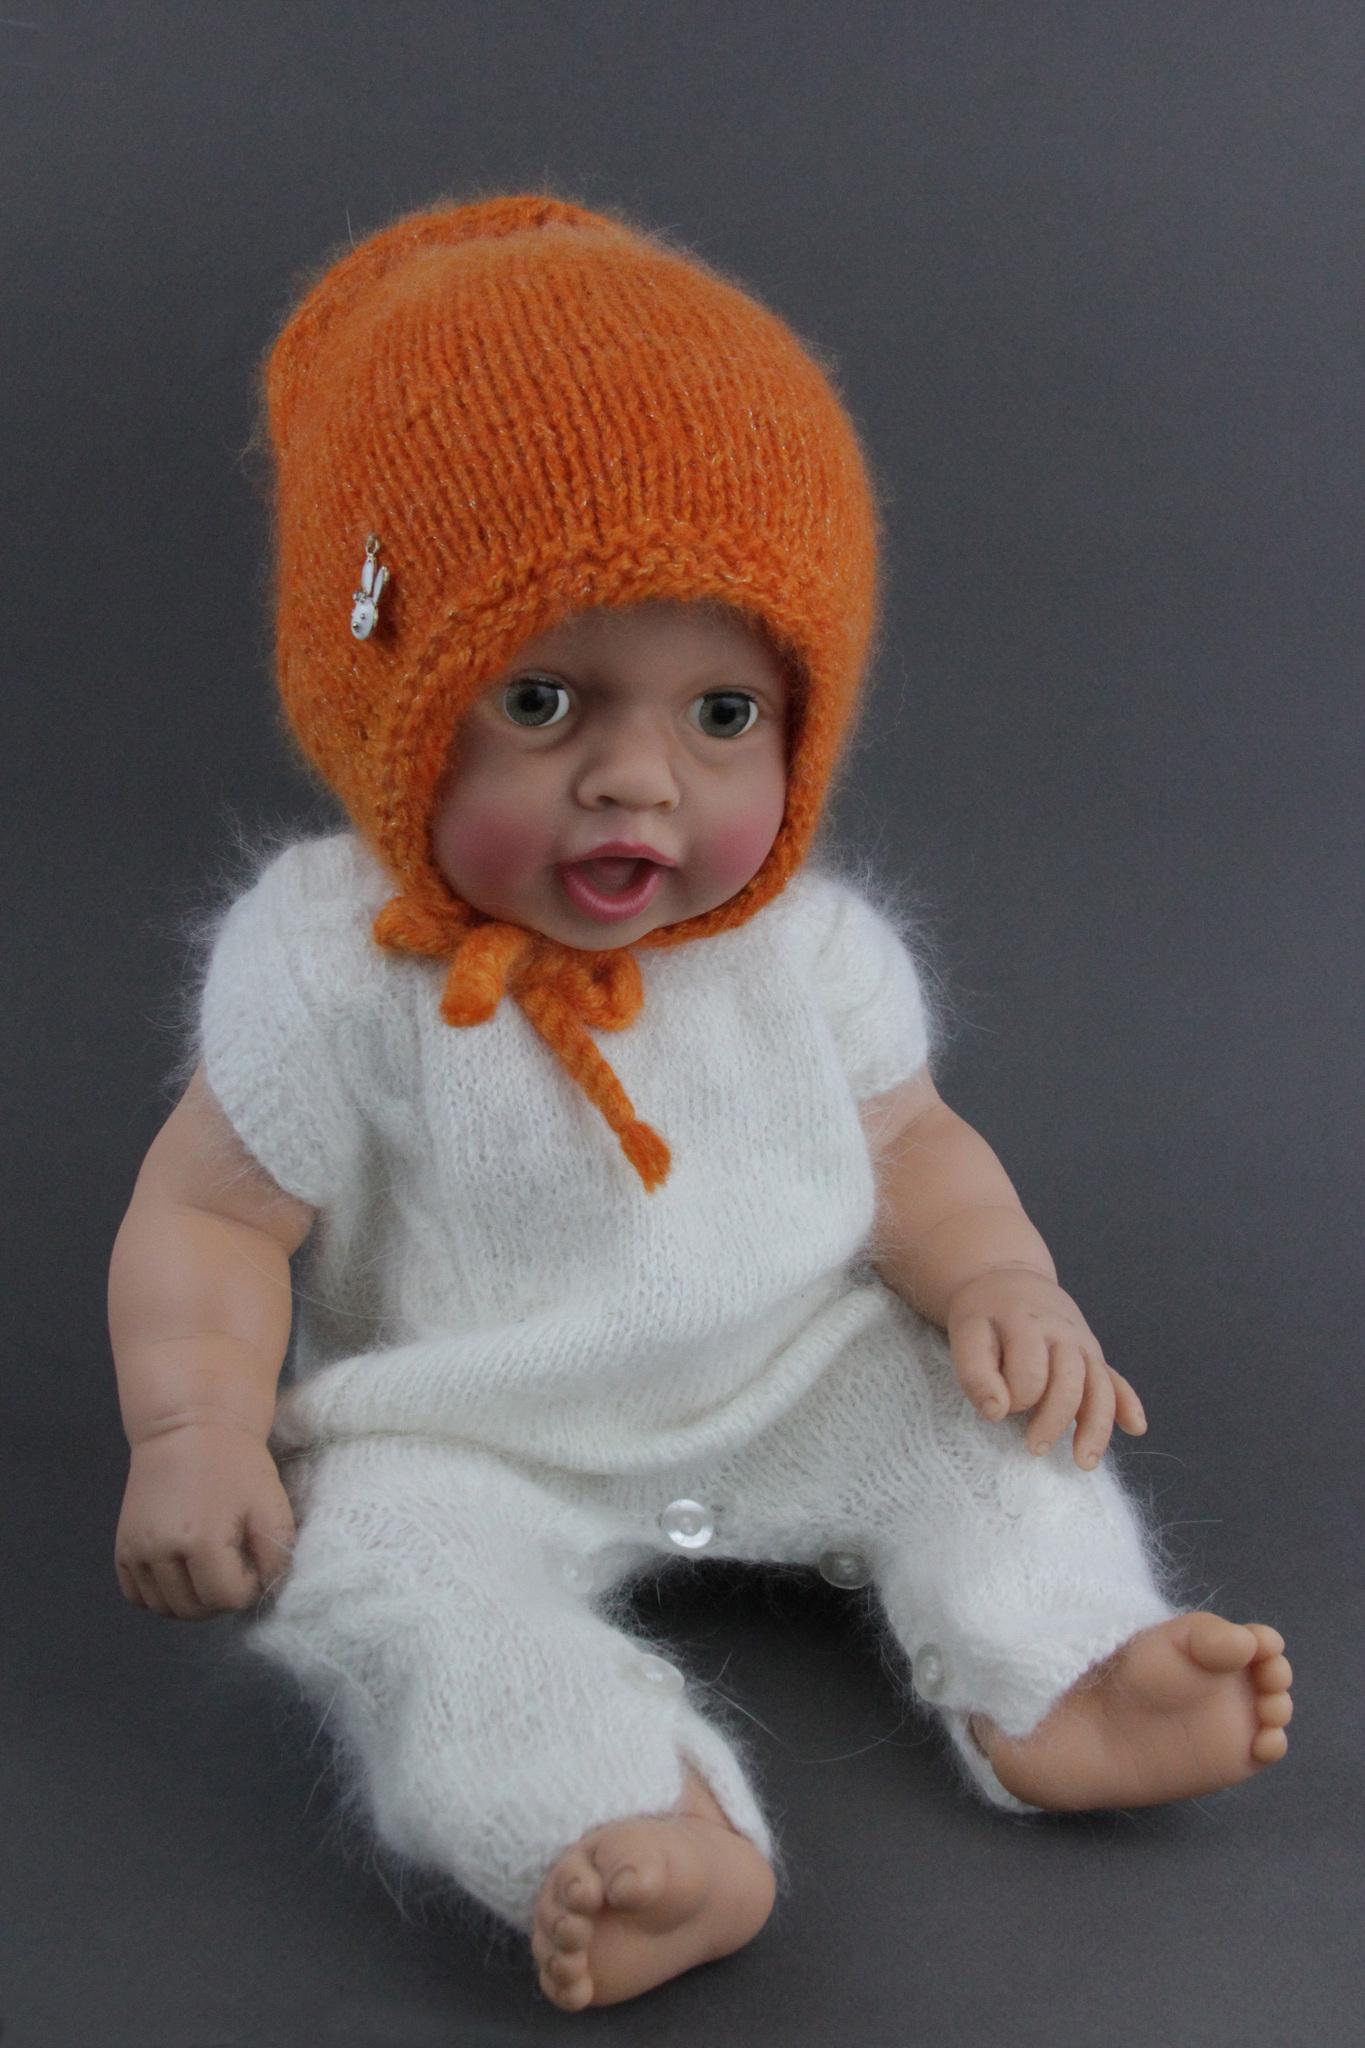 Orange_hat